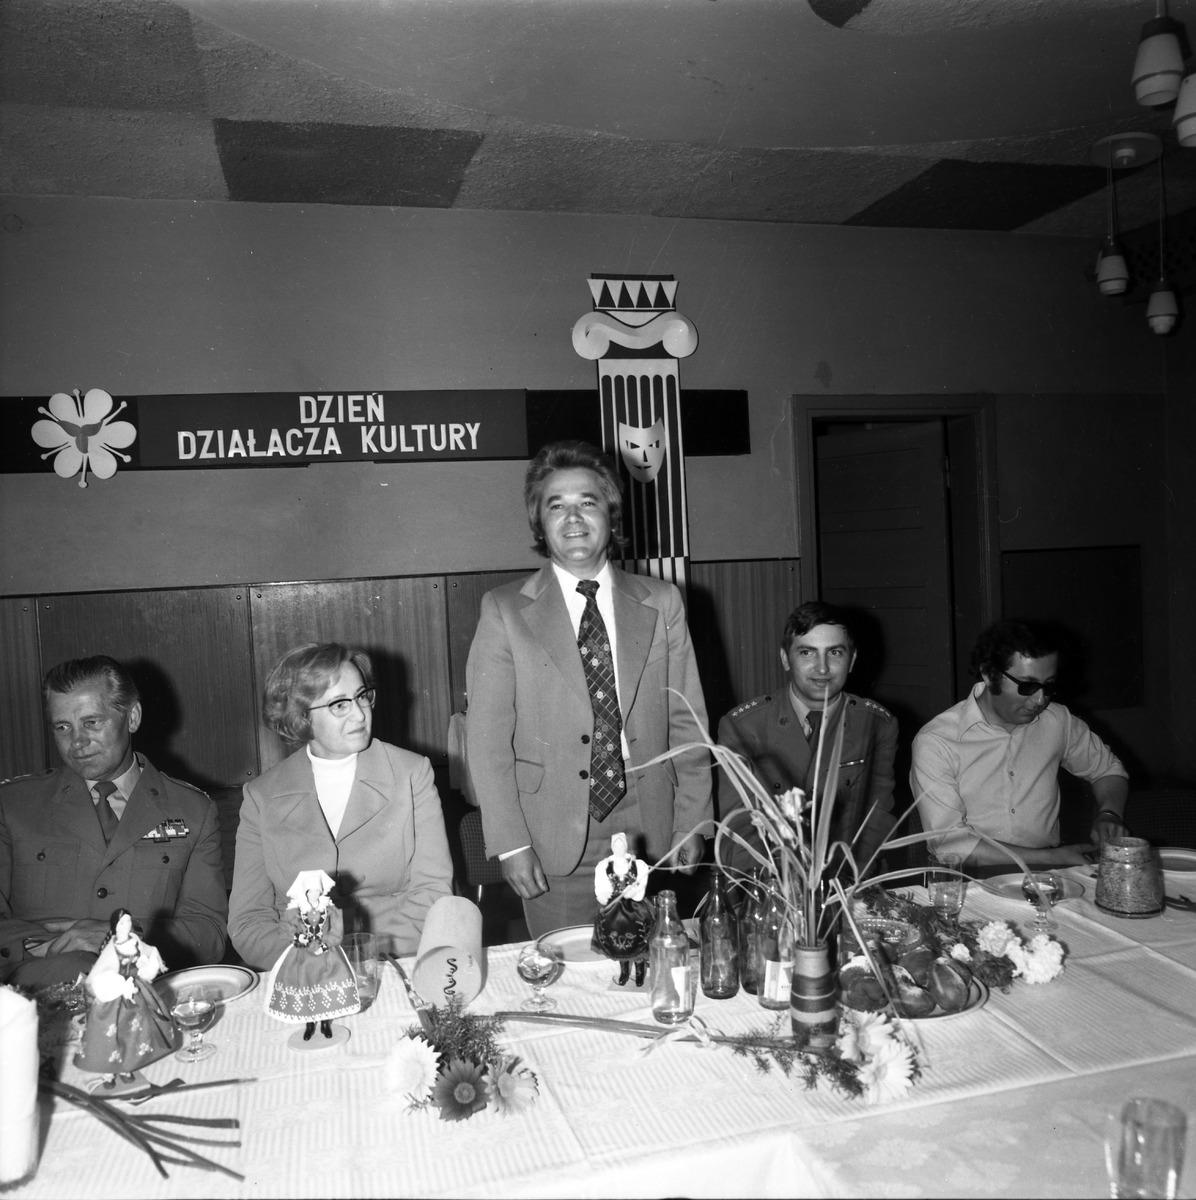 Obchody Dnia Działacza Kultury, 1979 r. [4]